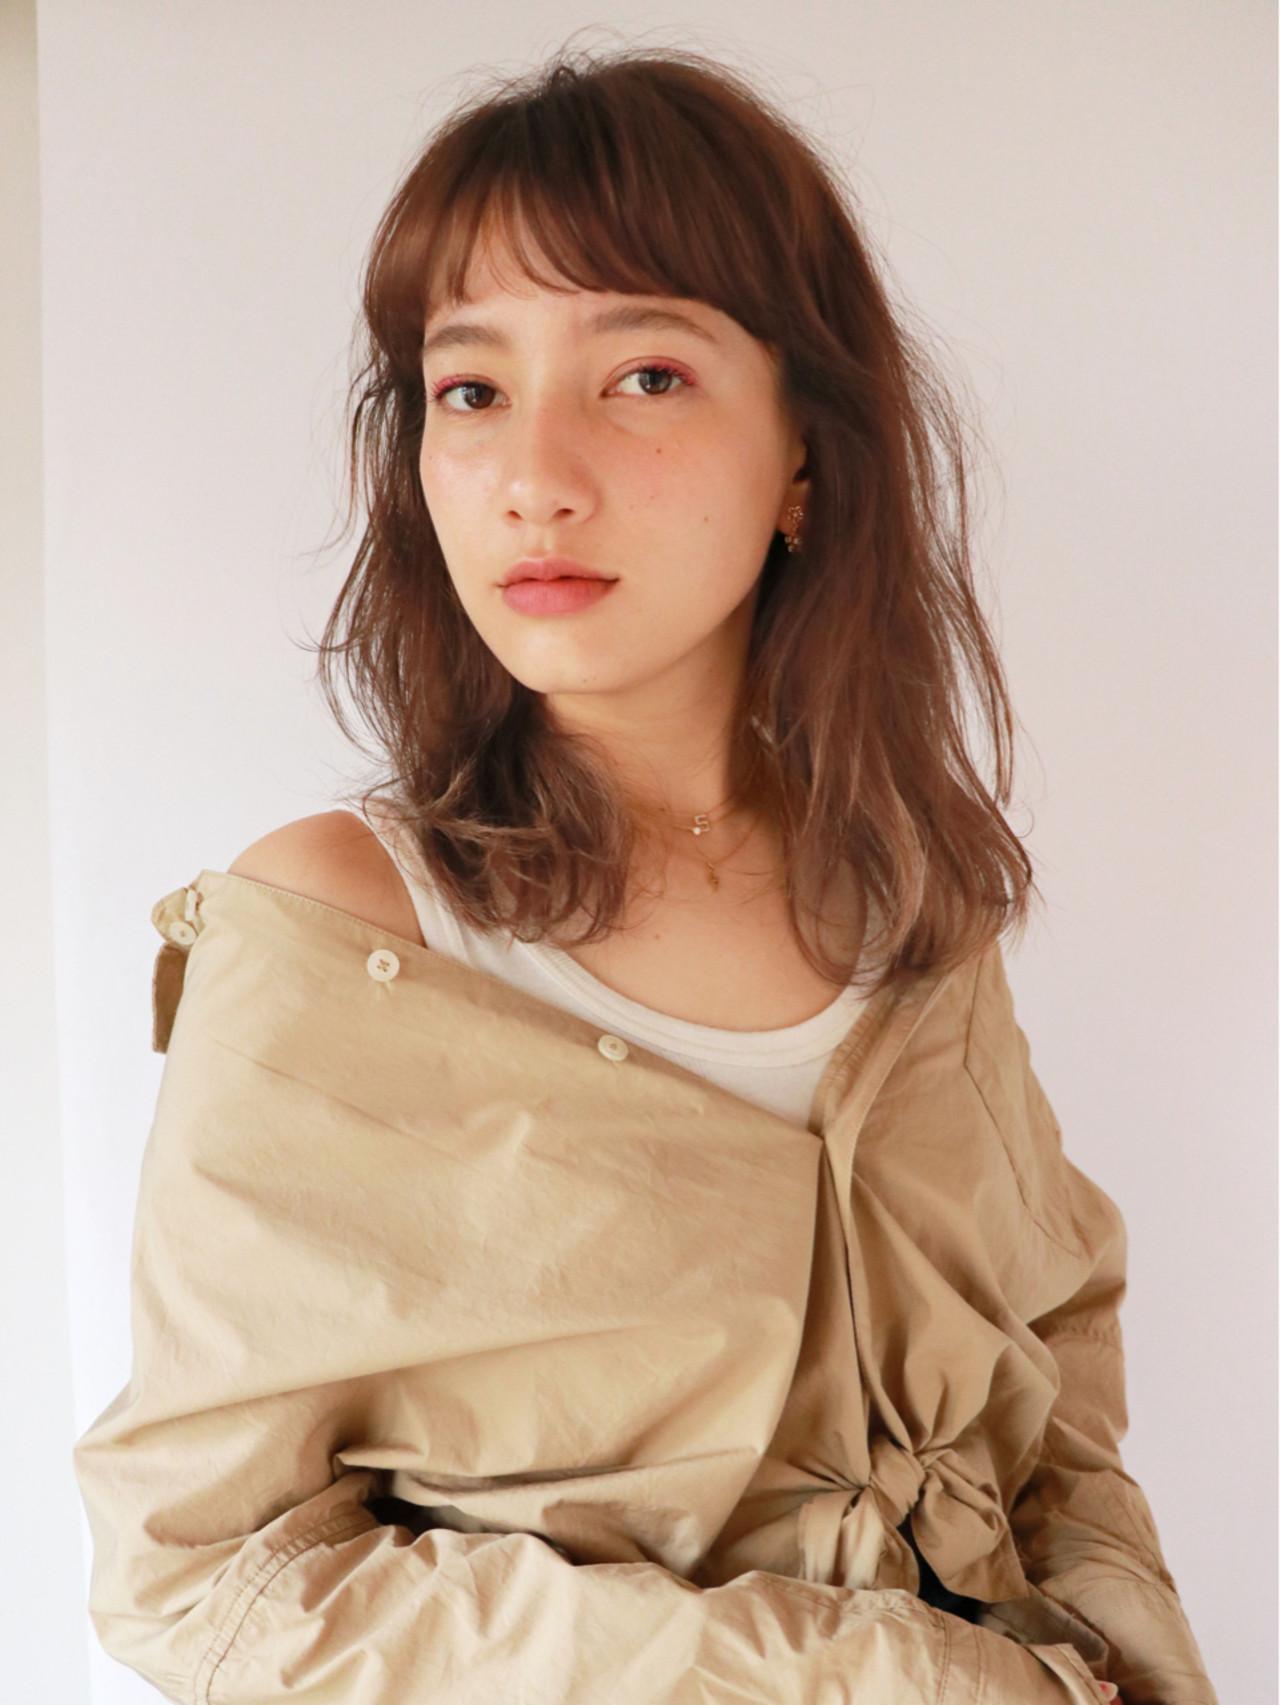 オン眉で印象チェンジ♡丸顔さんも似合うおすすめヘアスタイル紹介の4枚目の画像